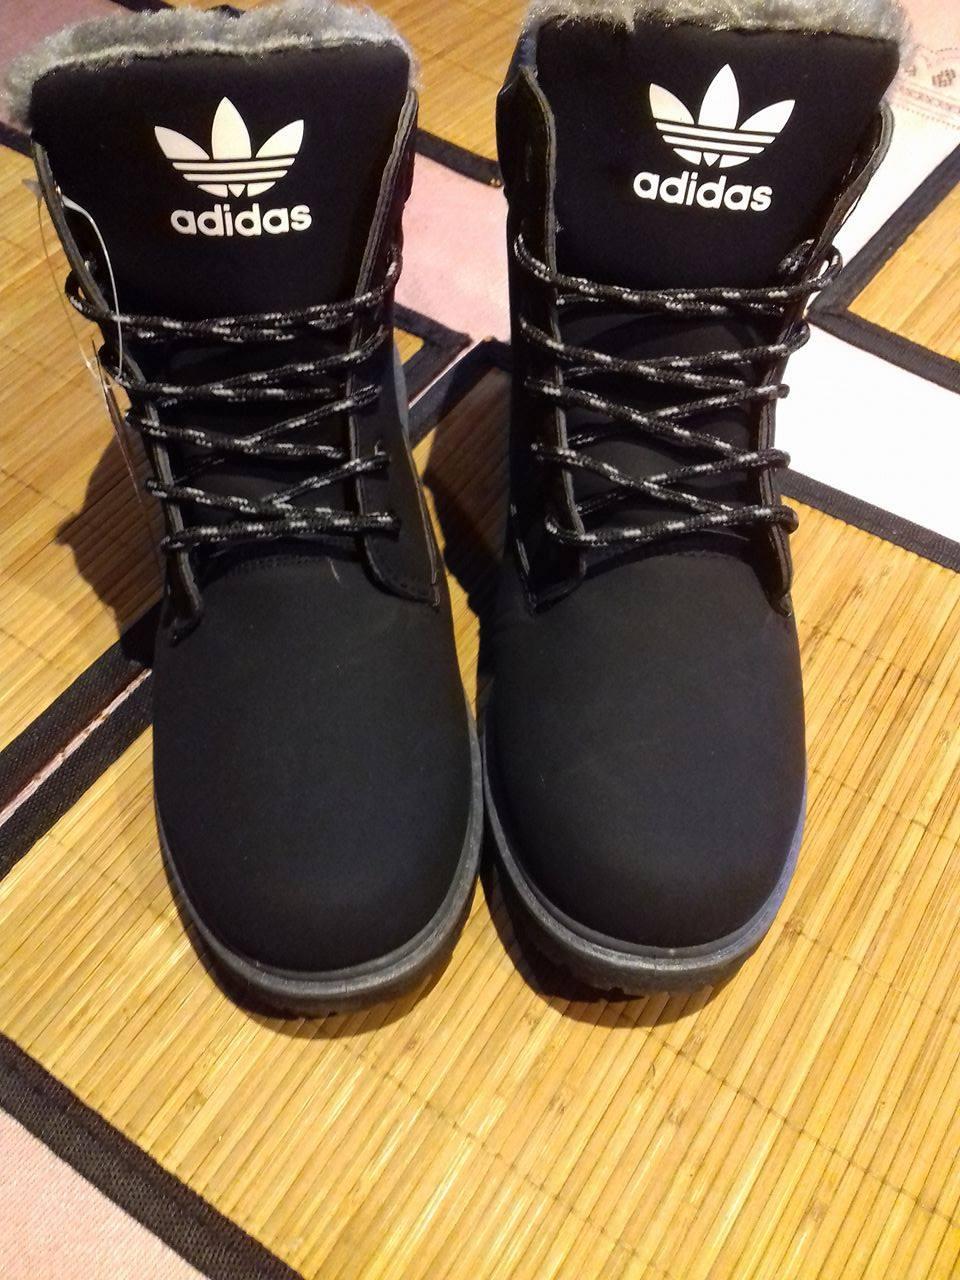 oficjalne zdjęcia tani niesamowity wybór buty zimowe damskie adidas allegro